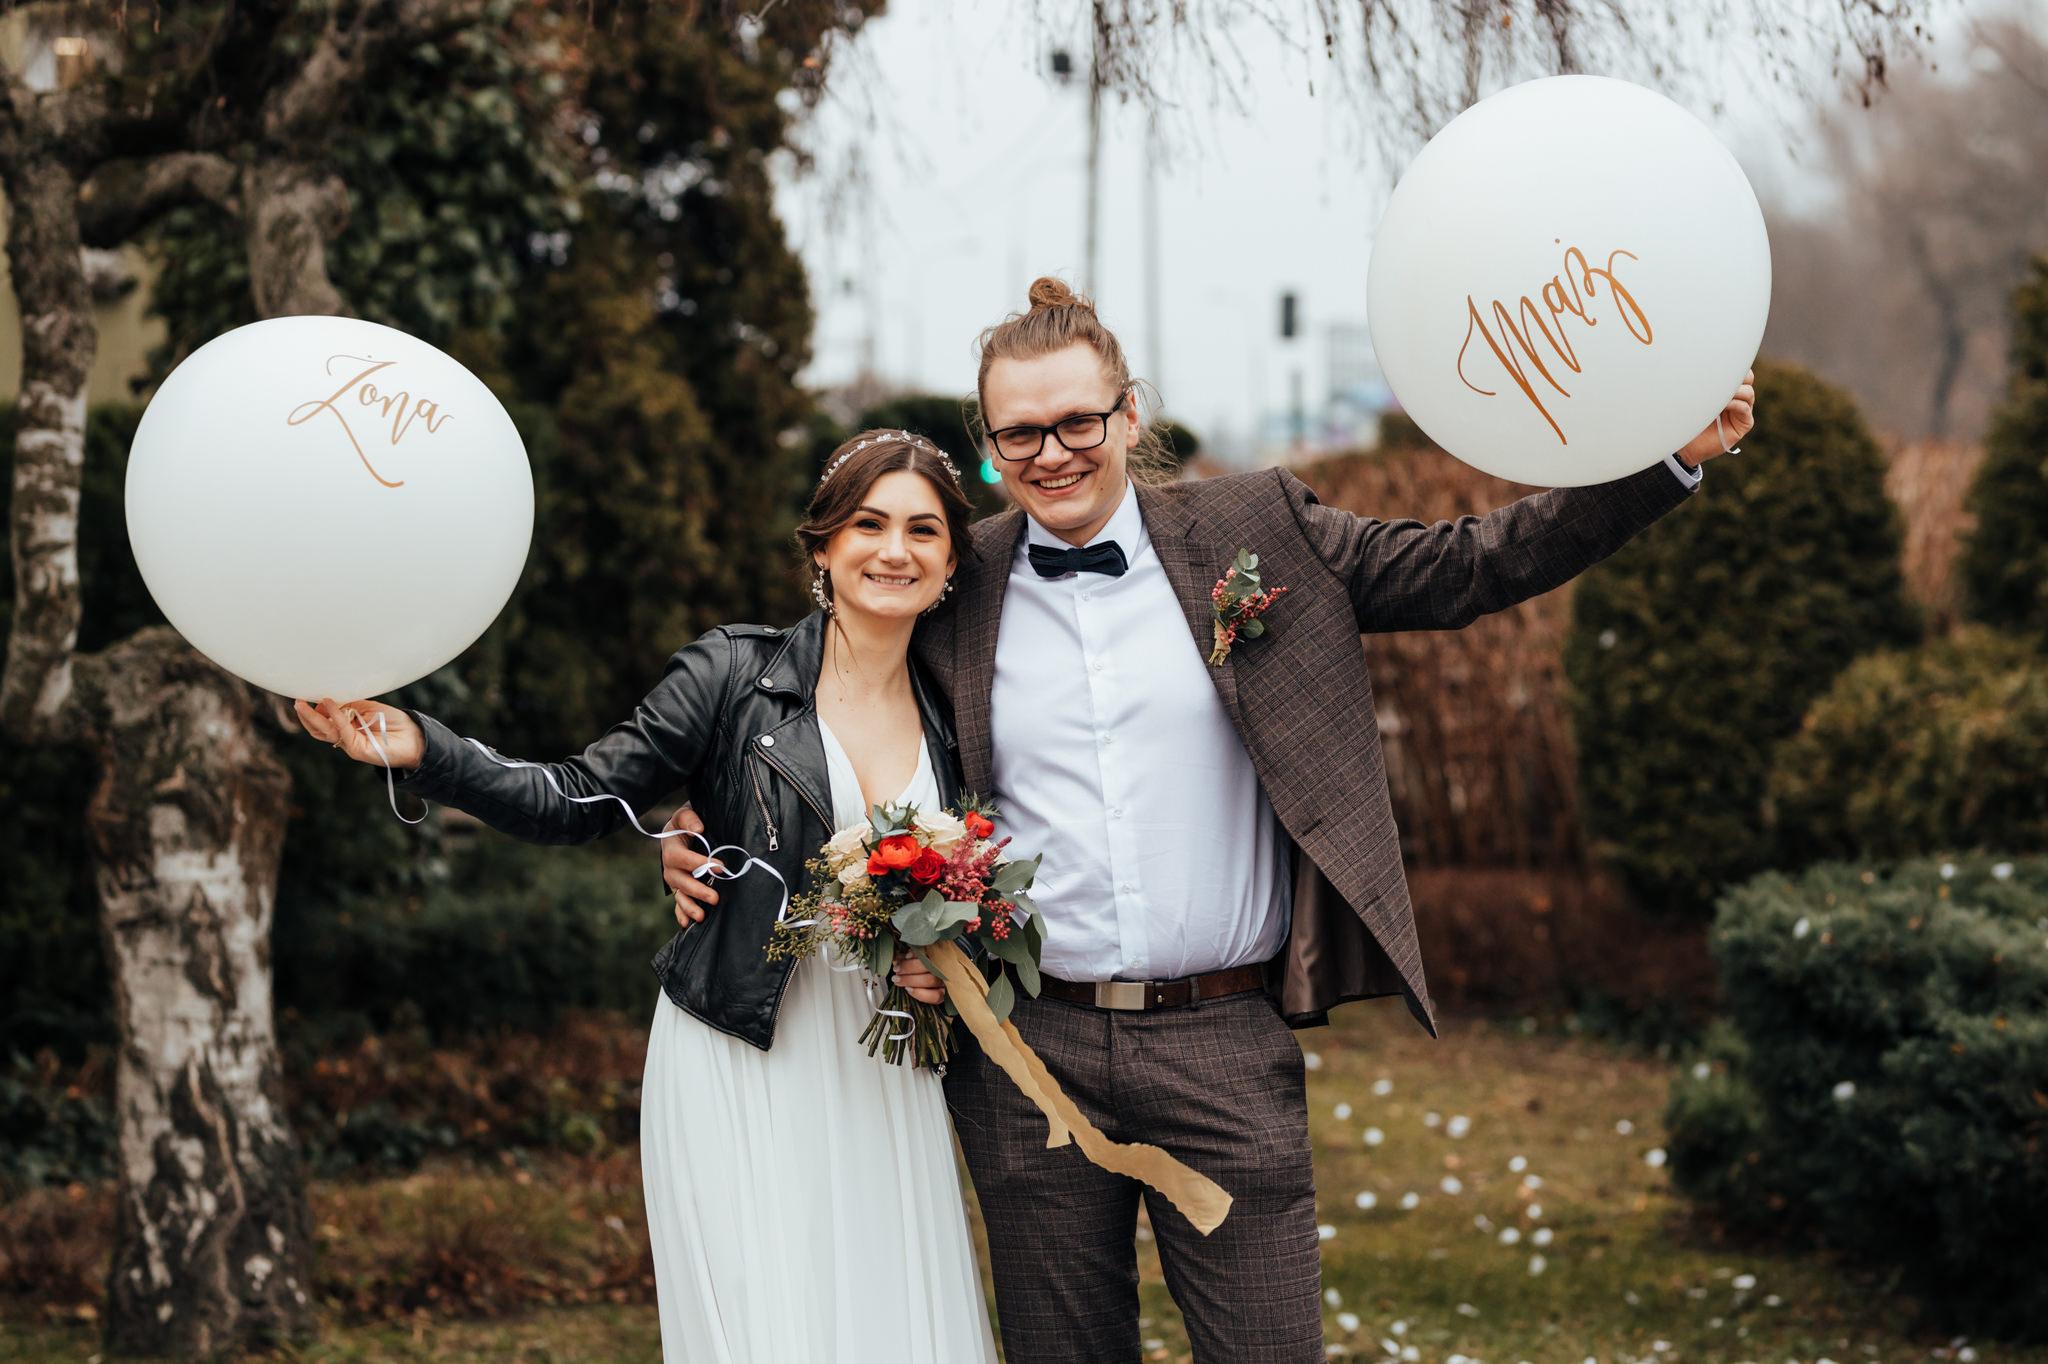 para młoda tuż po ślubie trzymająca balony